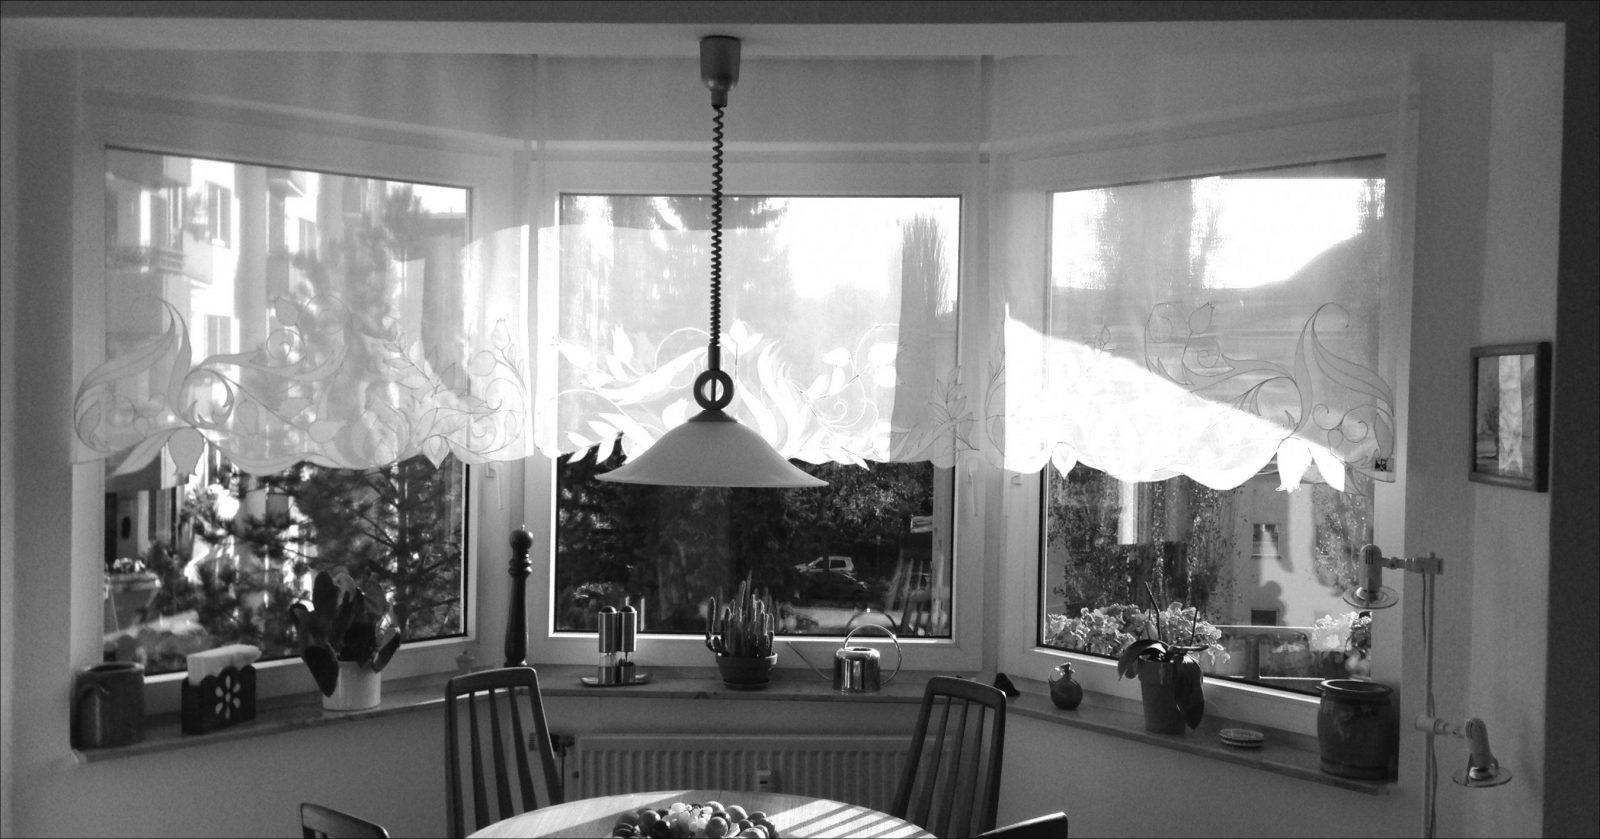 Herausragende Ideen Gardinen Balkontür Und Fenster Modern Beste von Gardinen Balkontür Und Fenster Modern Photo